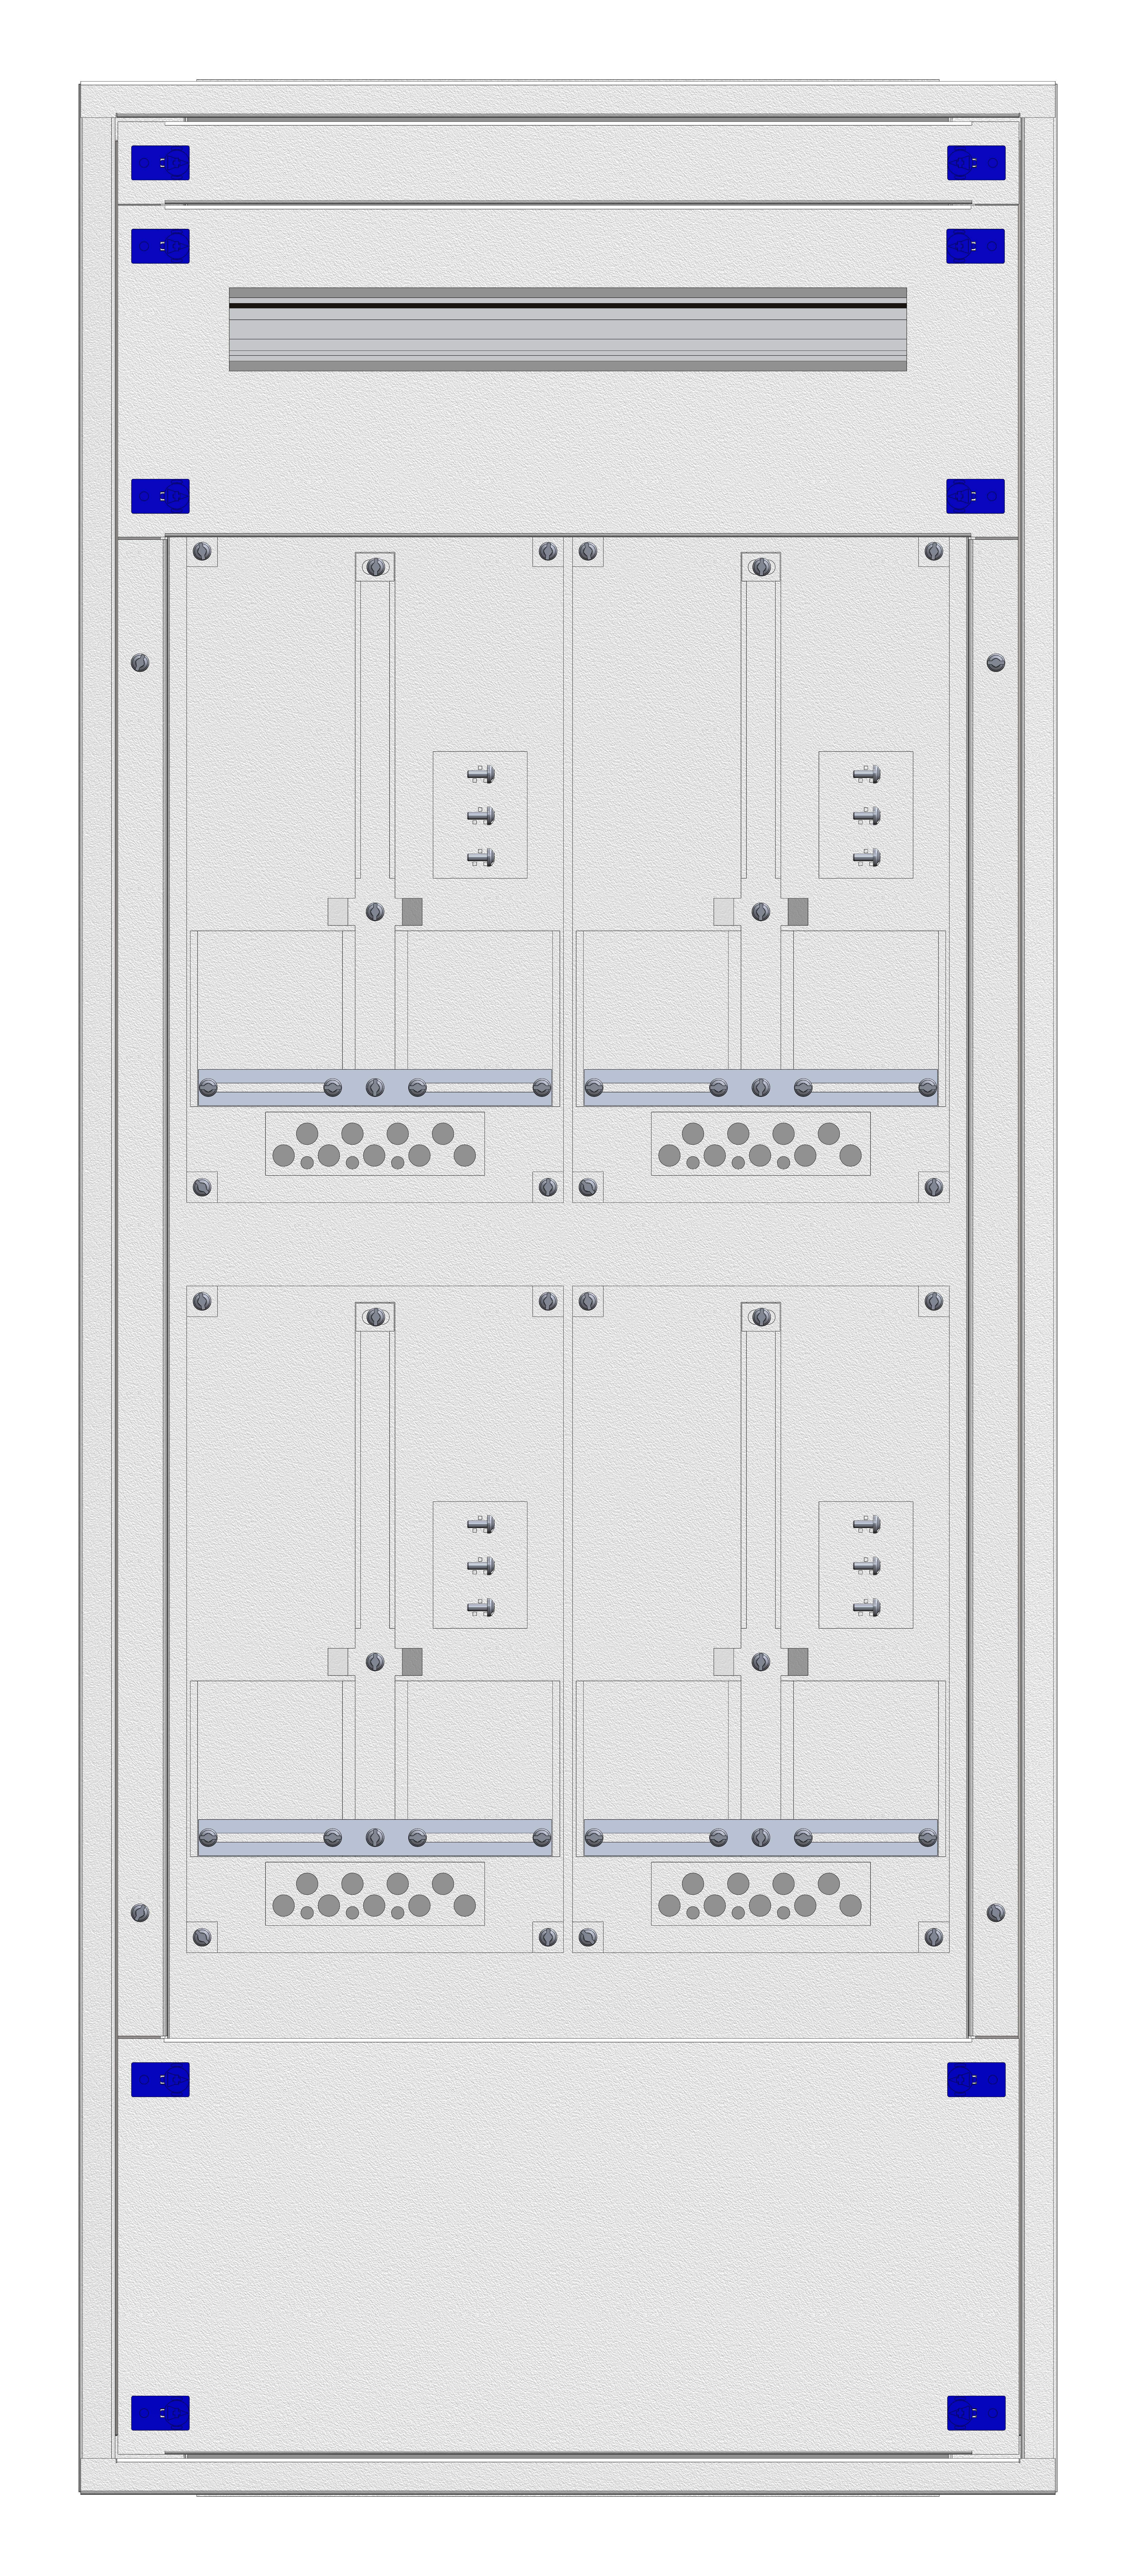 1 Stk ZV Einsatz 2-28G kompl. 4 Zählerpl. Frontbl. Stahlbl. TIR IL423228--